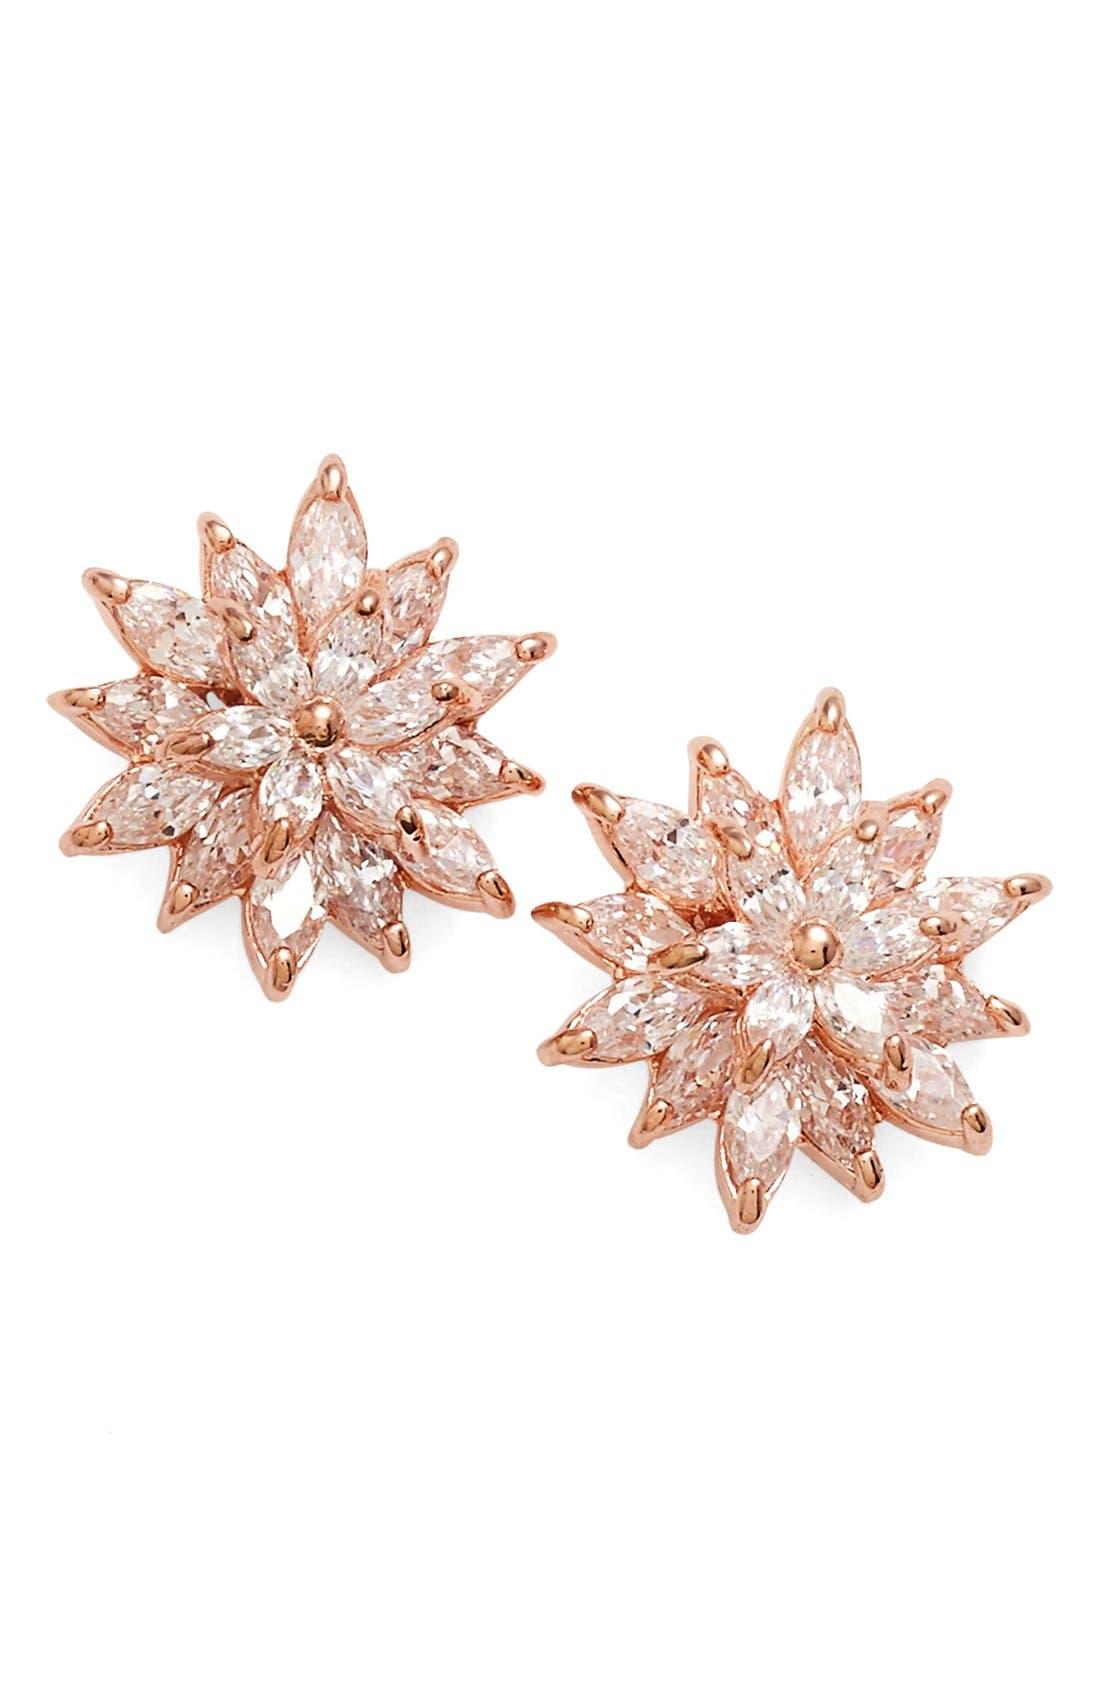 Alternate Image 1 Selected - Nina 'Flower' Crystal Stud Earrings